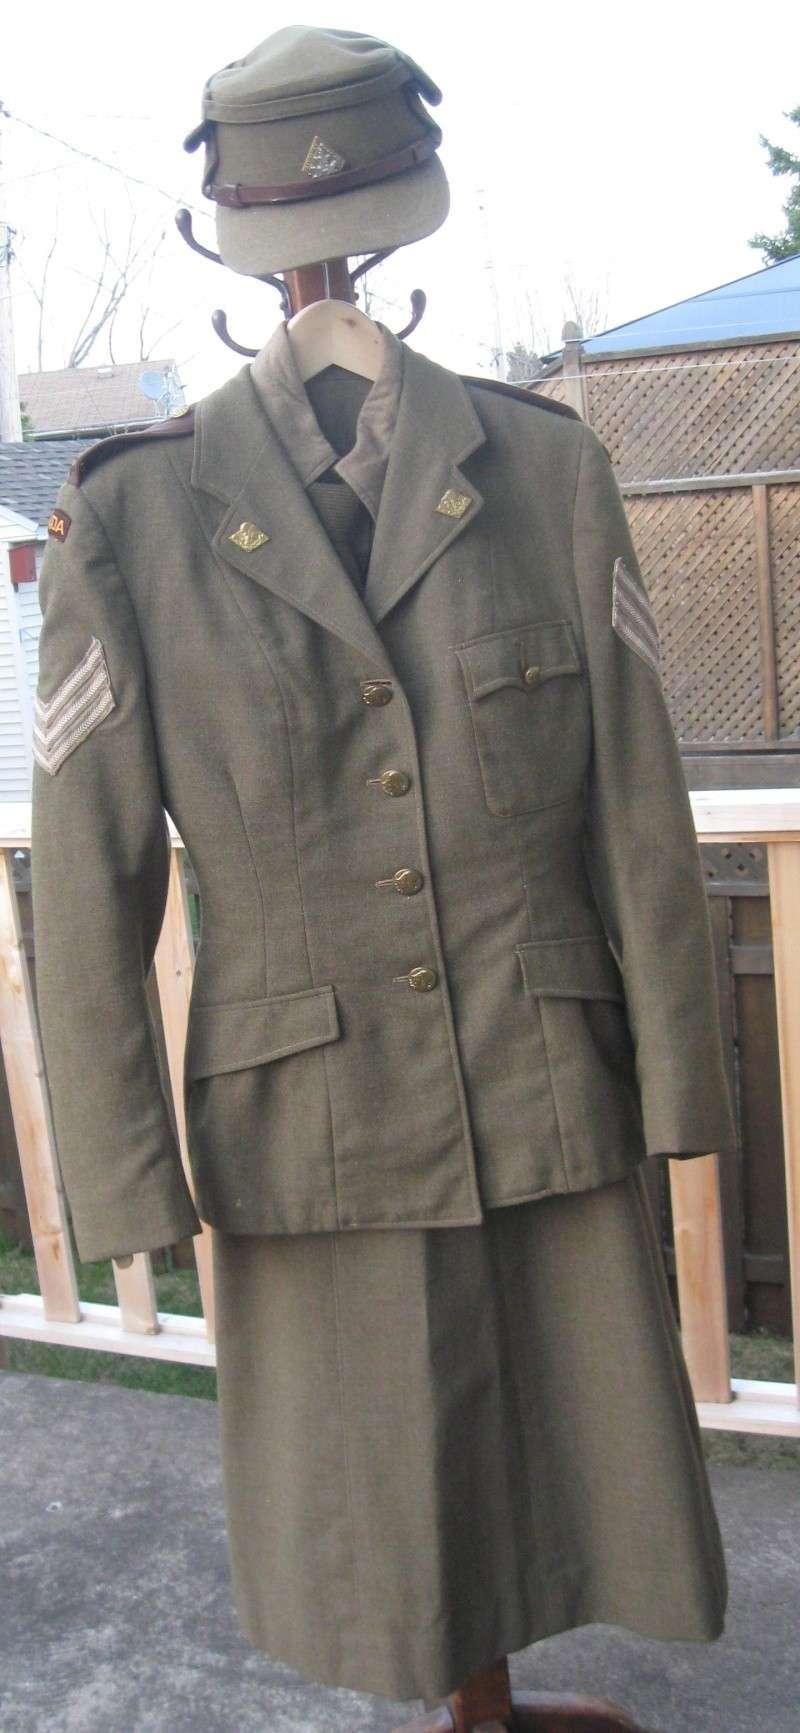 Uniforme féminin du corps de l'armée canadienne CWAC's et battle dress Img_5614